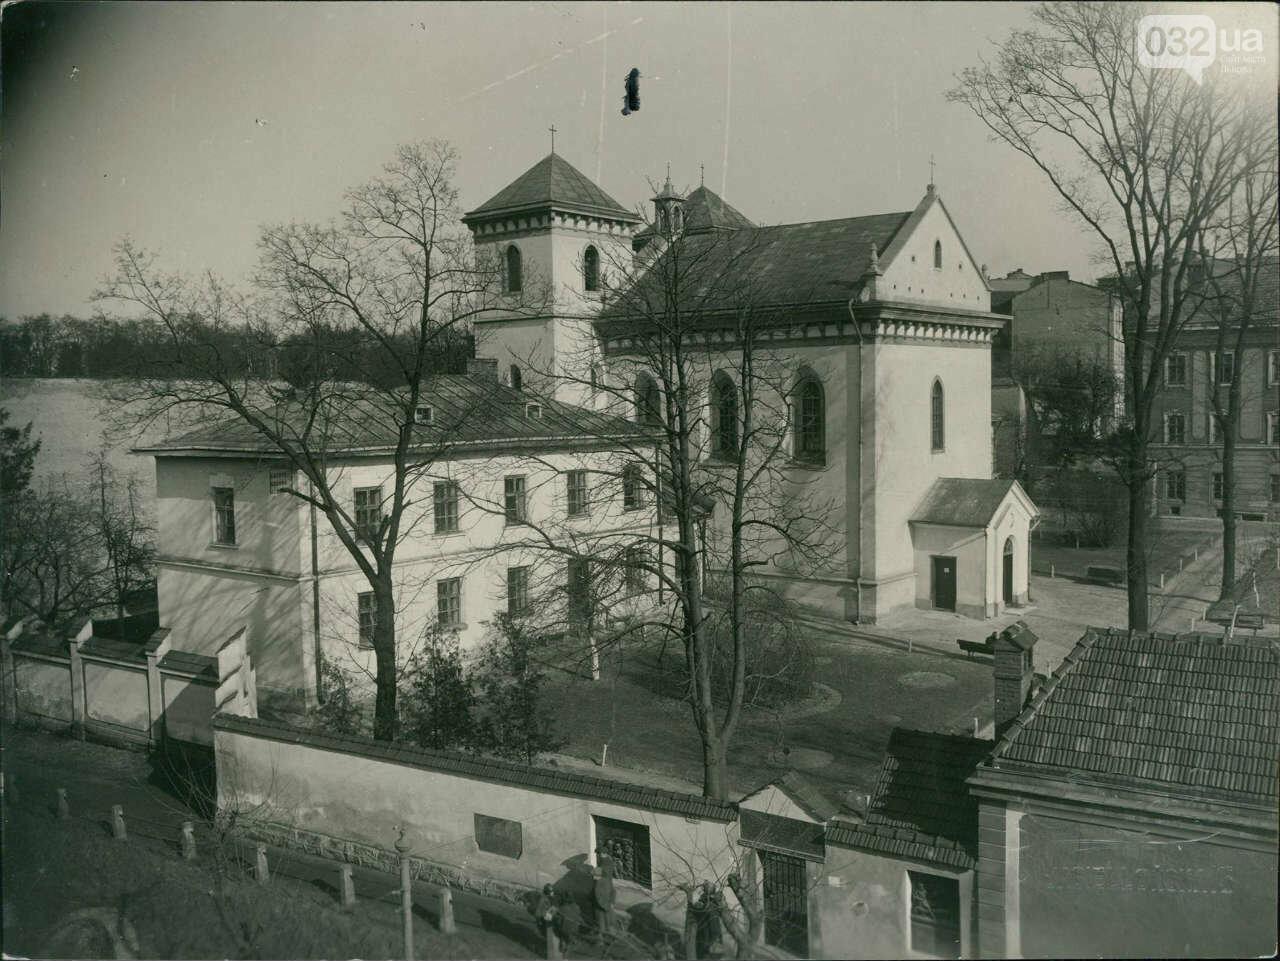 Фотографії старого Львова, шпиталь св. Лазаря